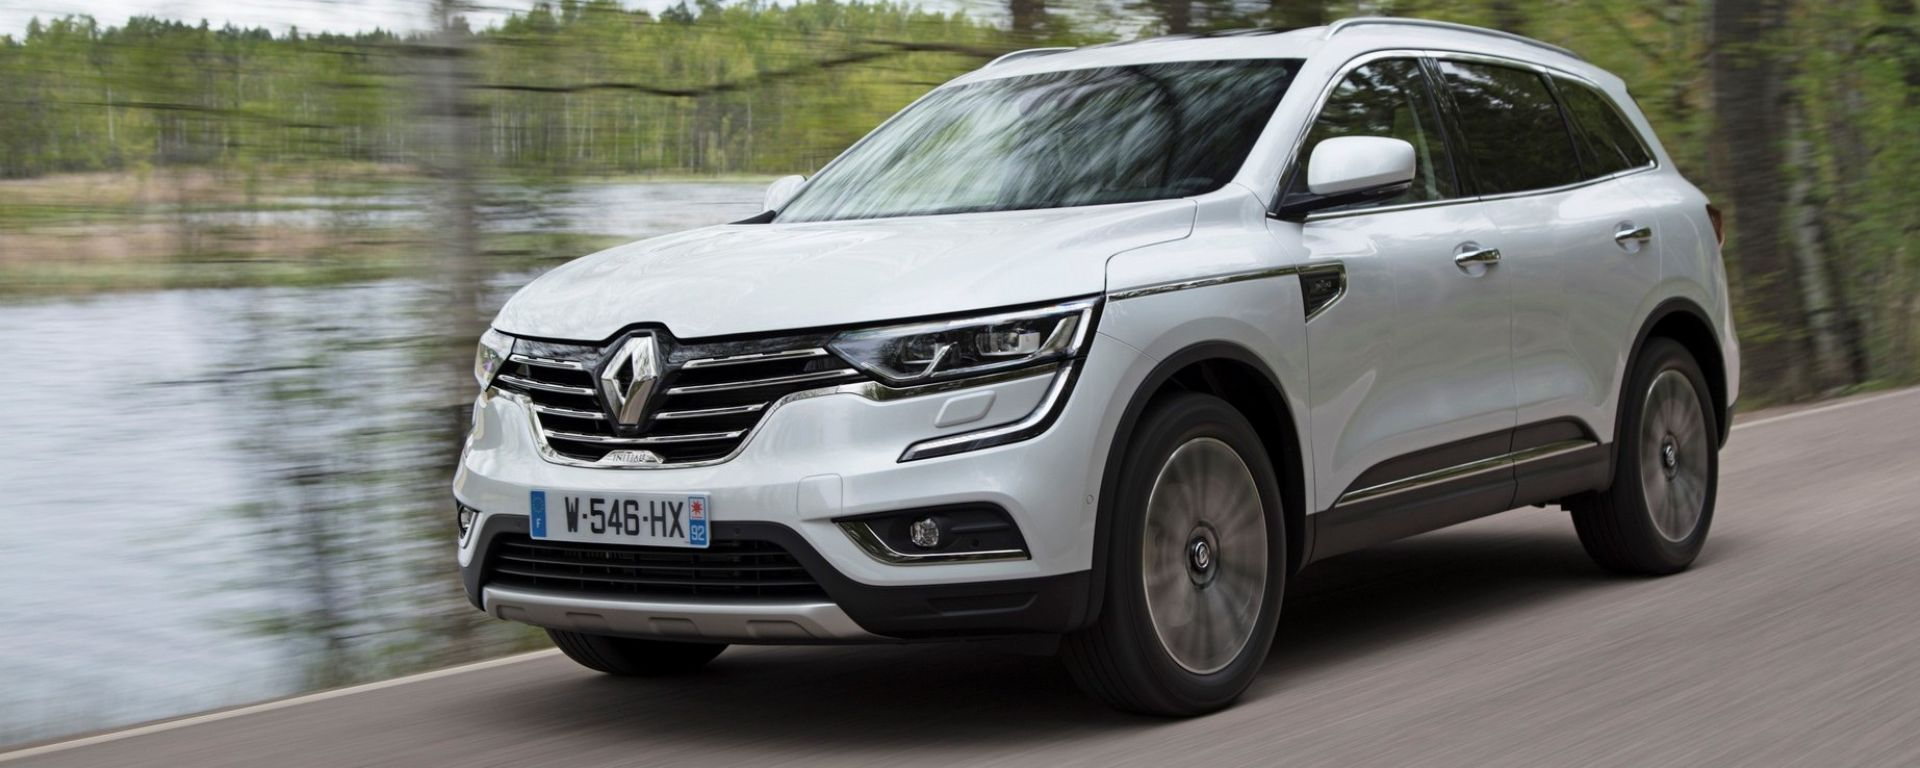 Nuova Renault Koleos 2017: state comodi, prima di tutto